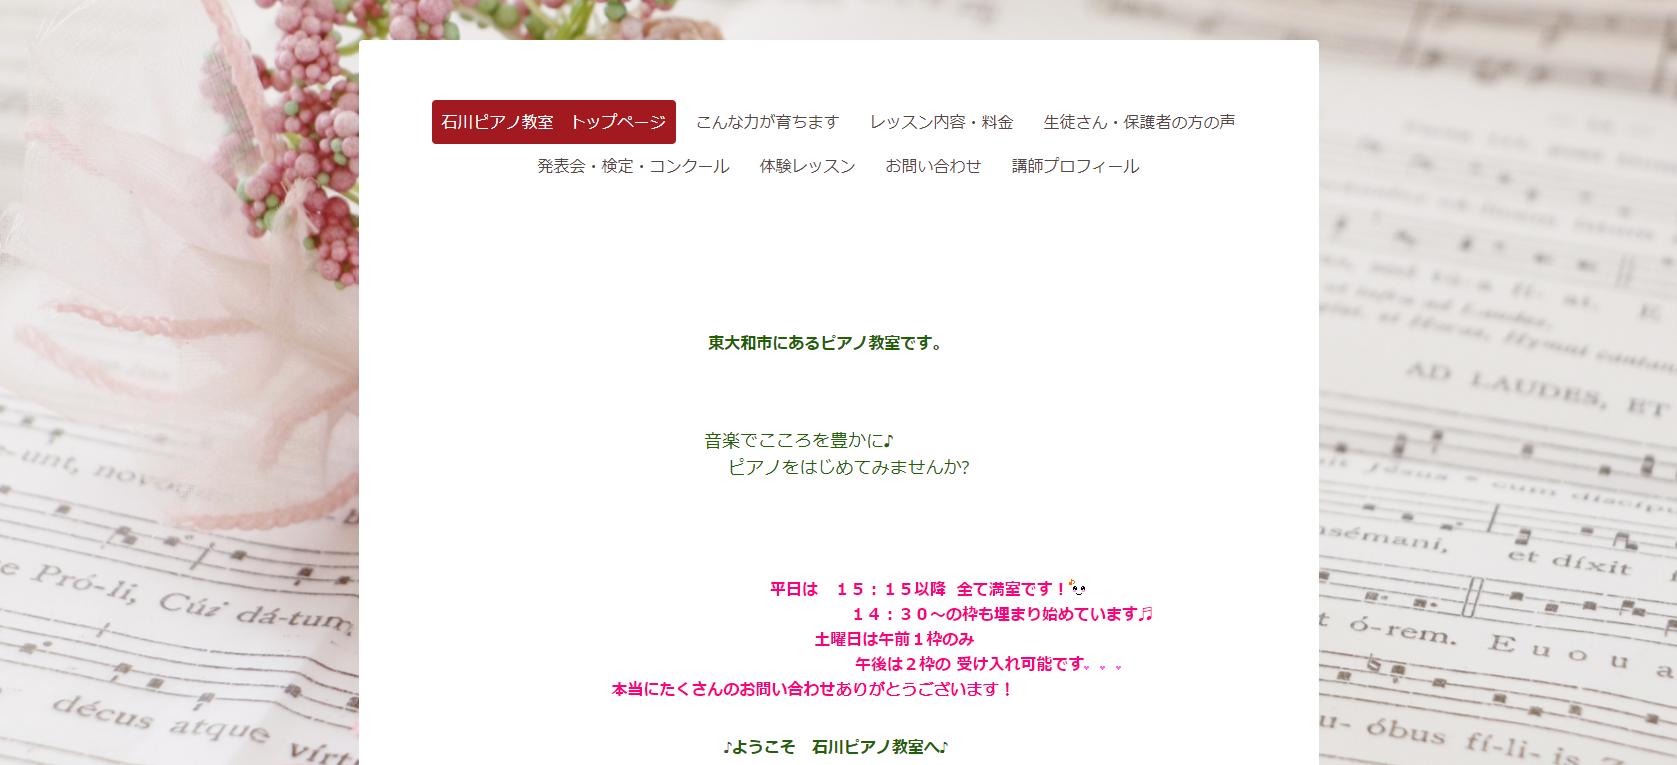 石川ピアノ教室のサムネイル